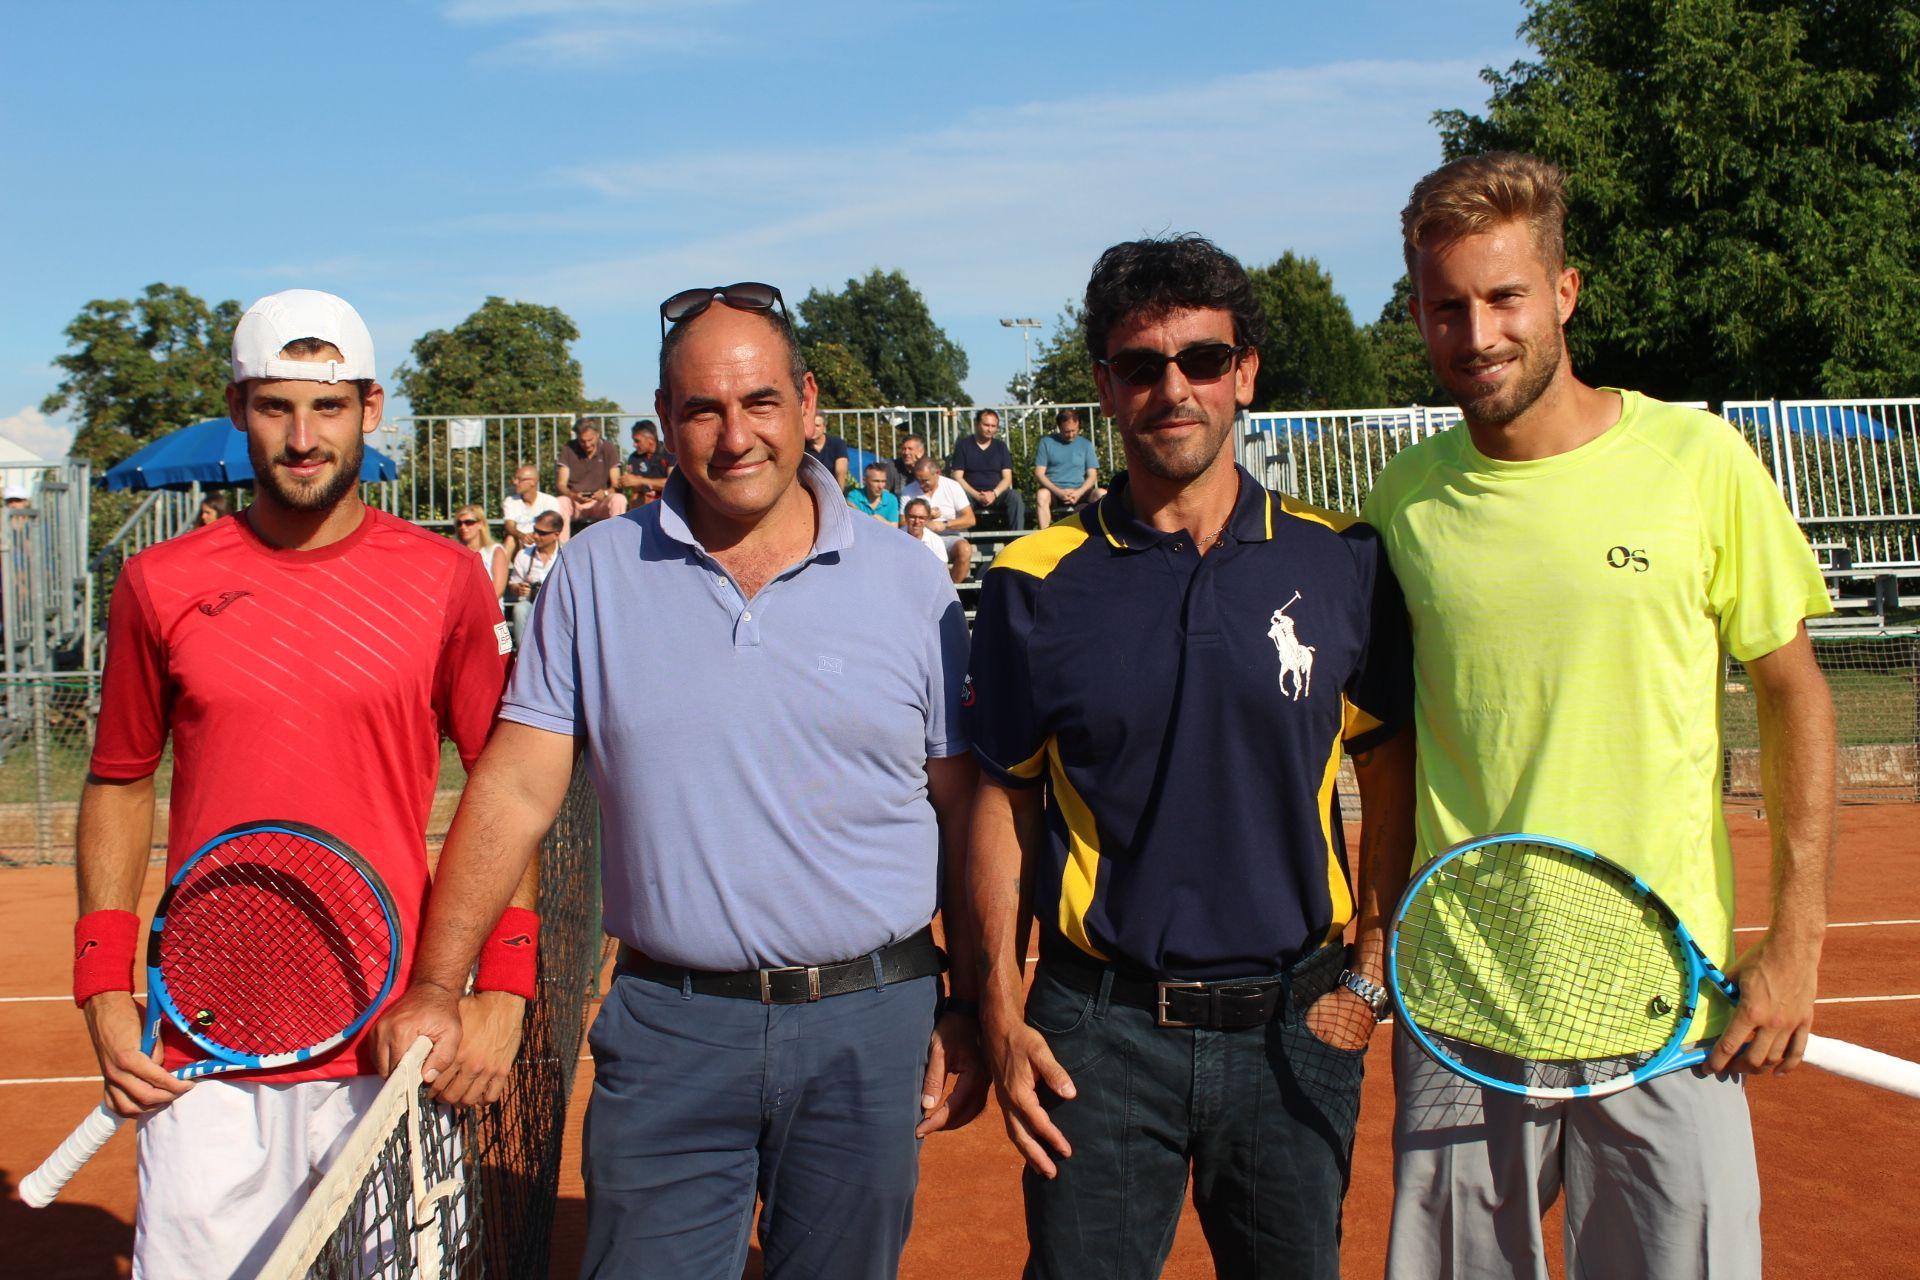 Future Itf di Albinea, Rondoni trionfa nella terza edizione del torneo